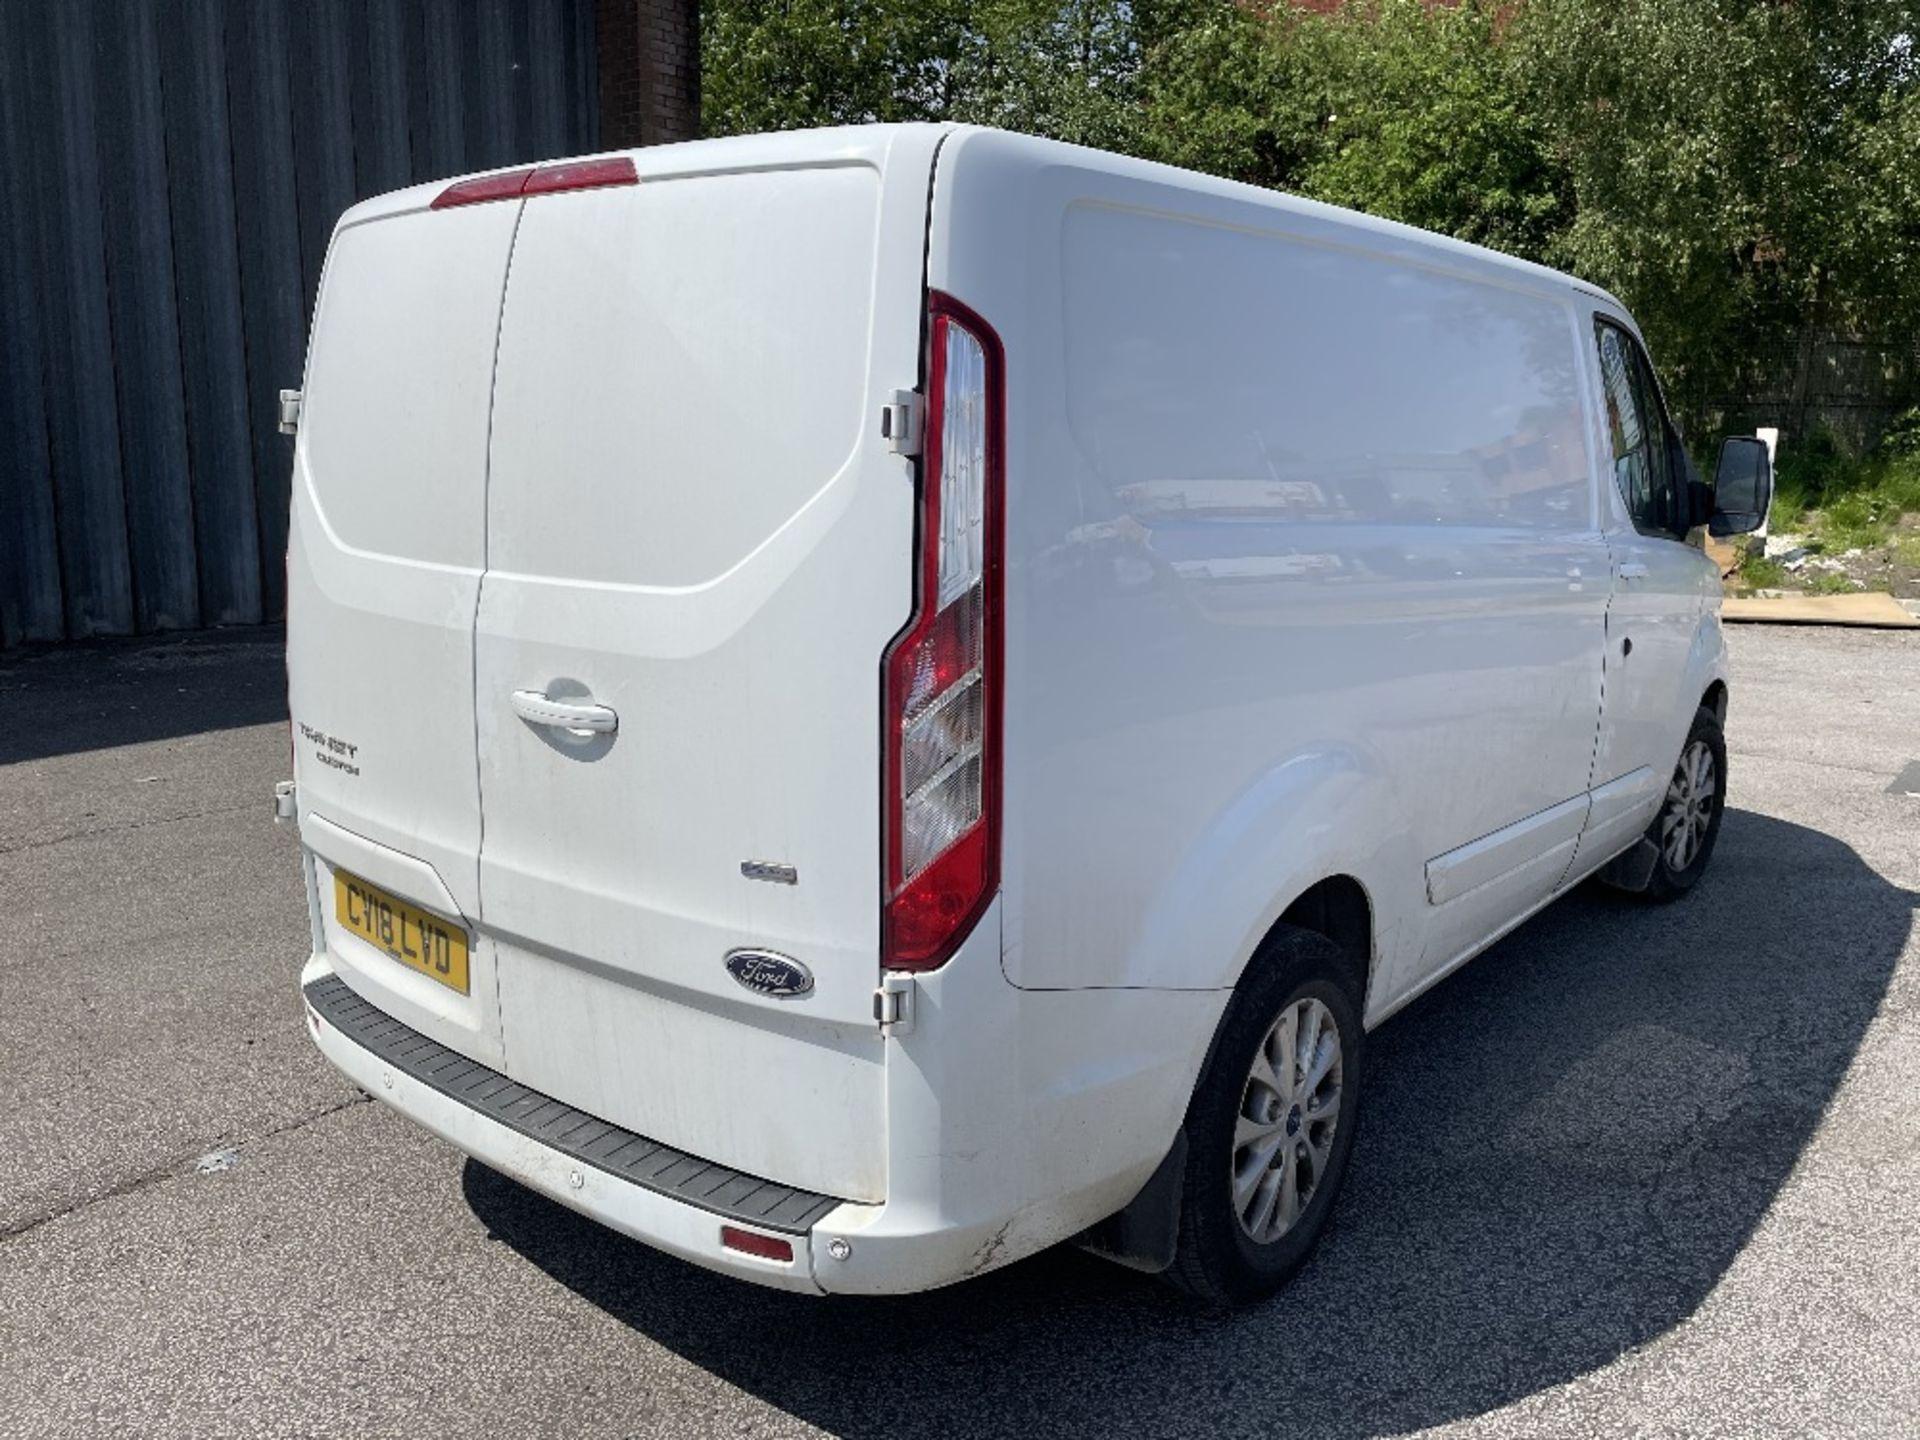 Ford Transit Custom 300 Limite Diesel Panel Van | 18 Plate | 35,672 Miles - Image 6 of 15